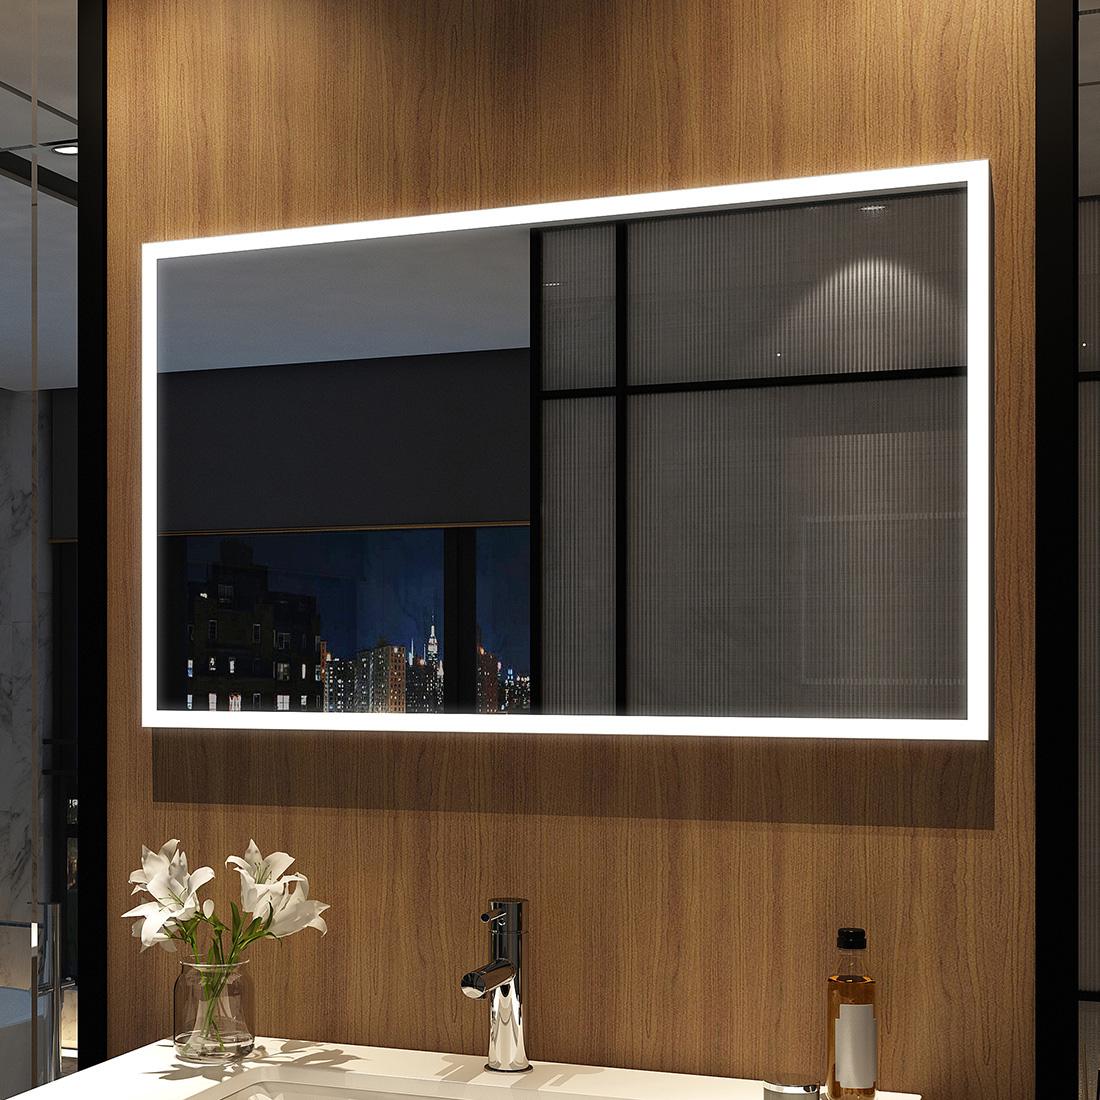 LED Lichtspiegel Badspiegel Badezimmerspiegel Duschspiegel Mit LED Beleuchtung